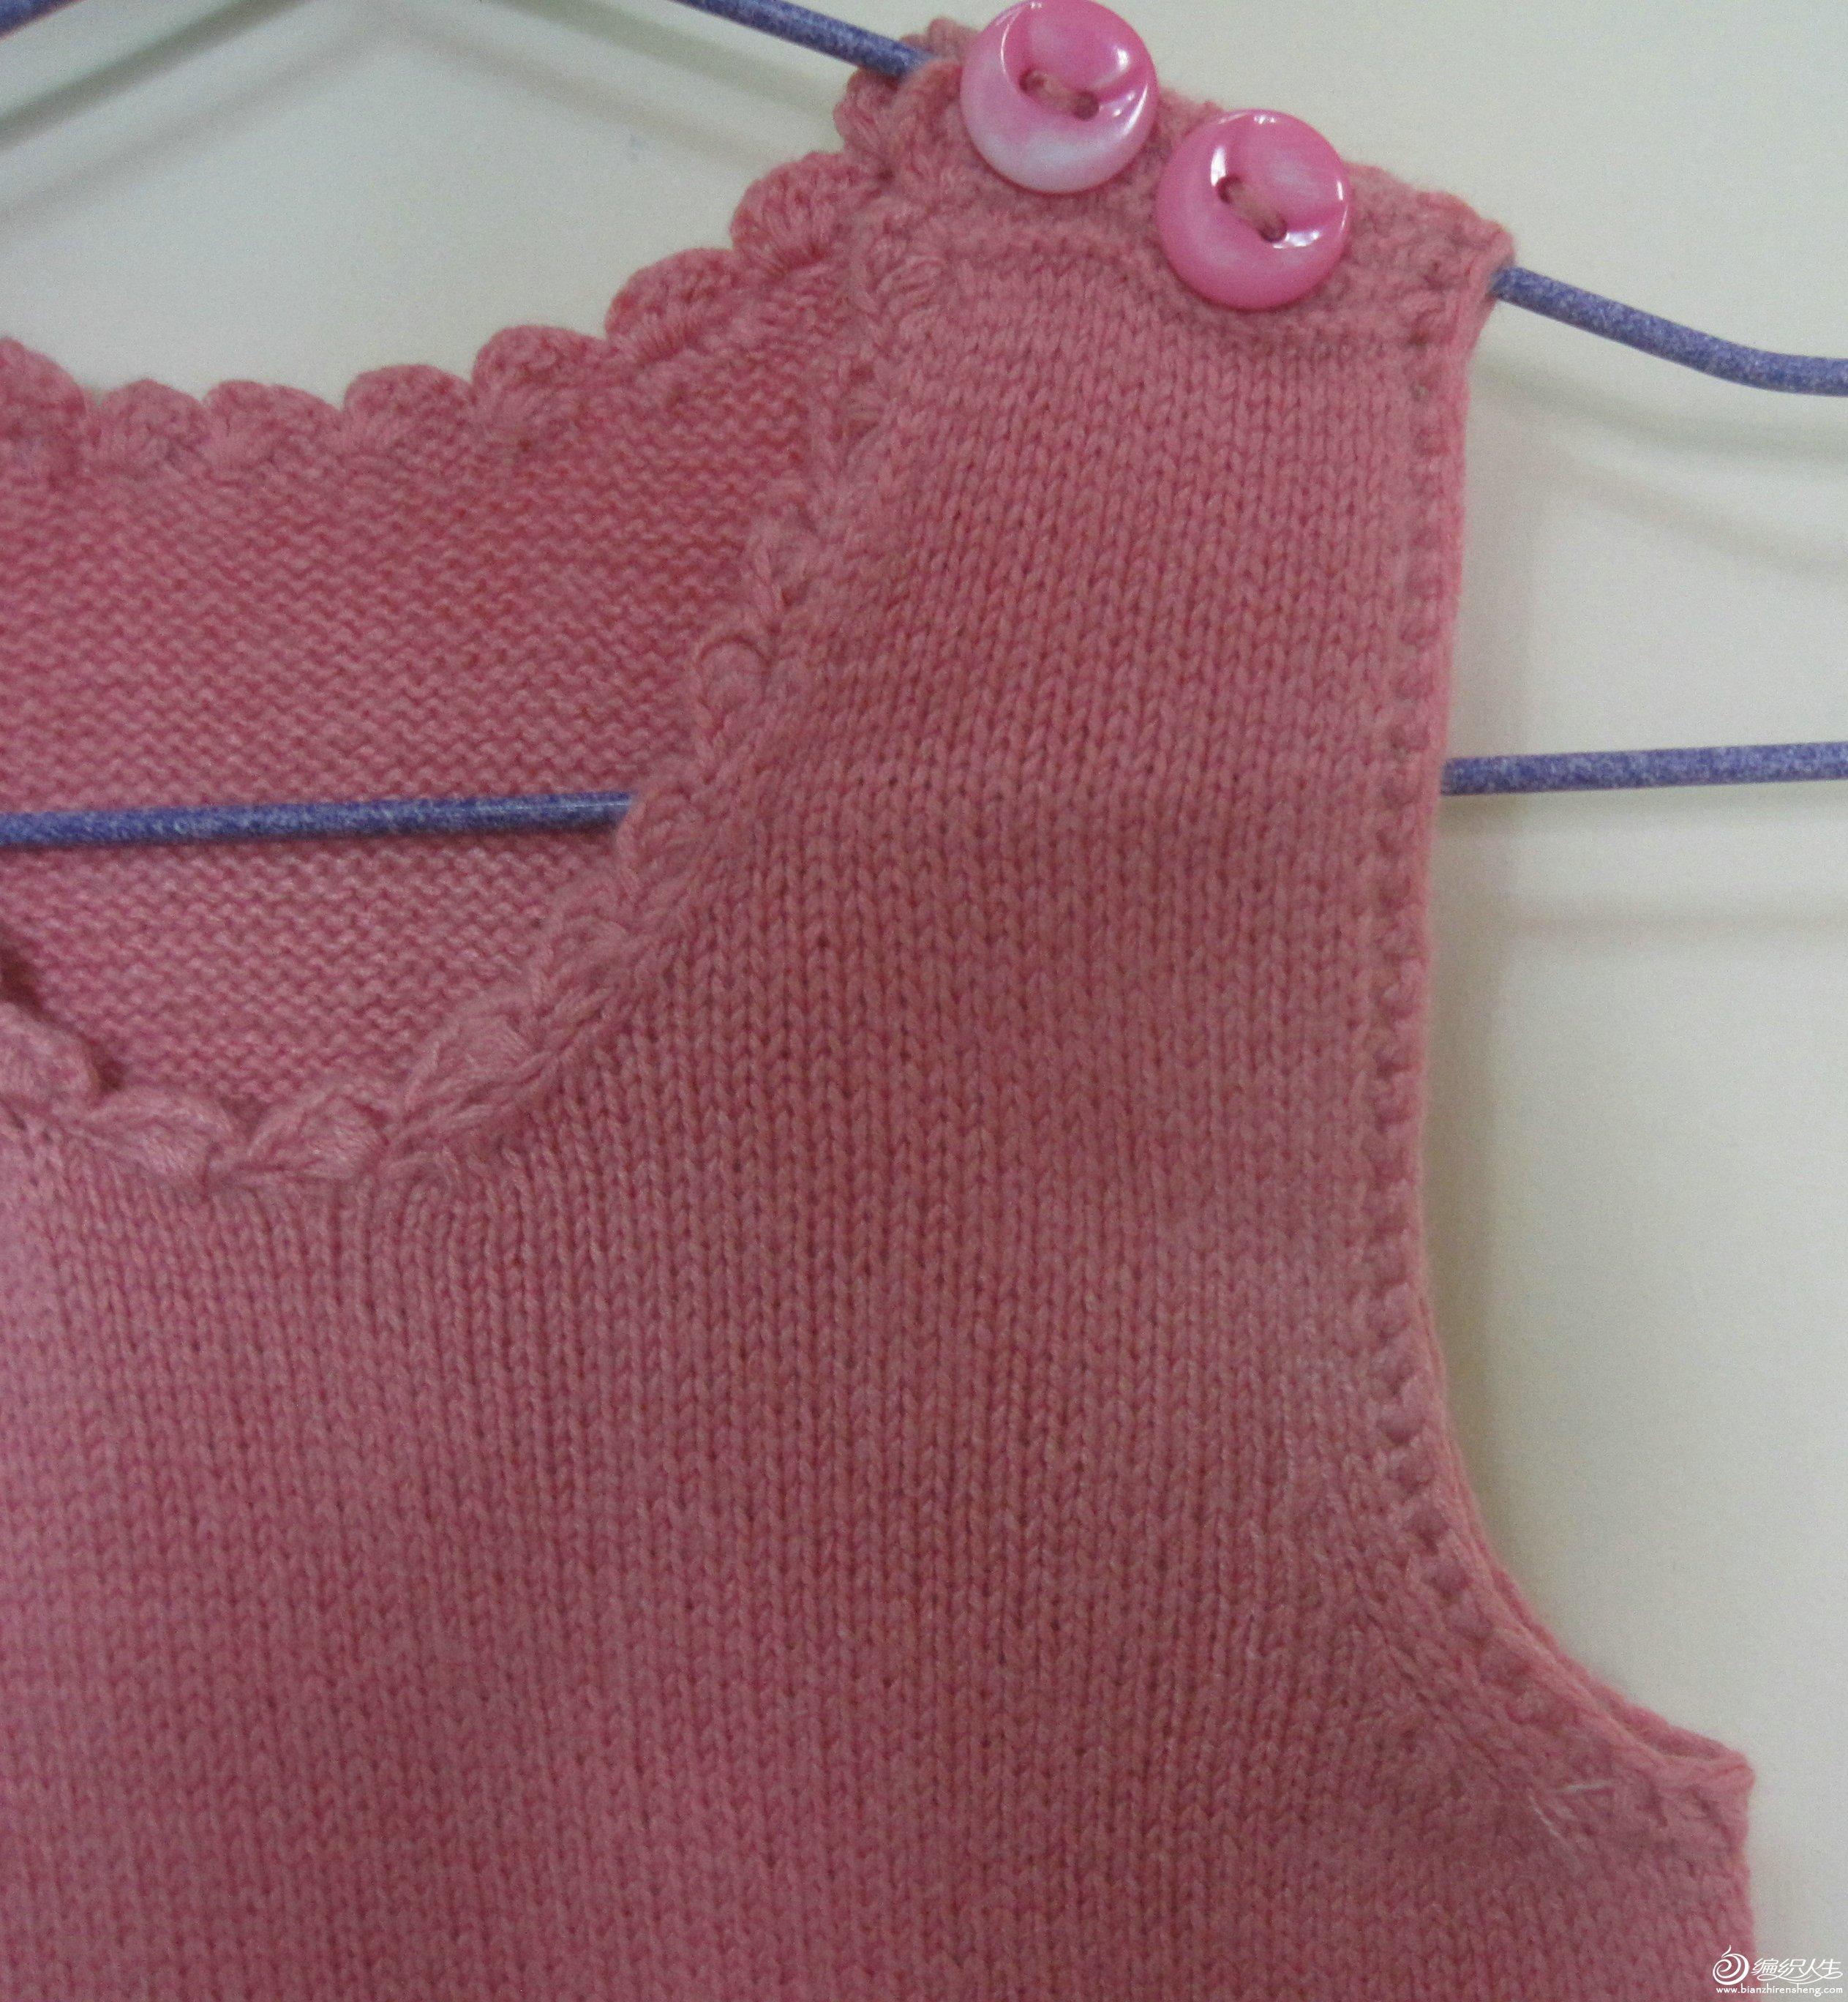 领边和袖边都是钩的,很省事也好看!一个辫子钩一个长针。